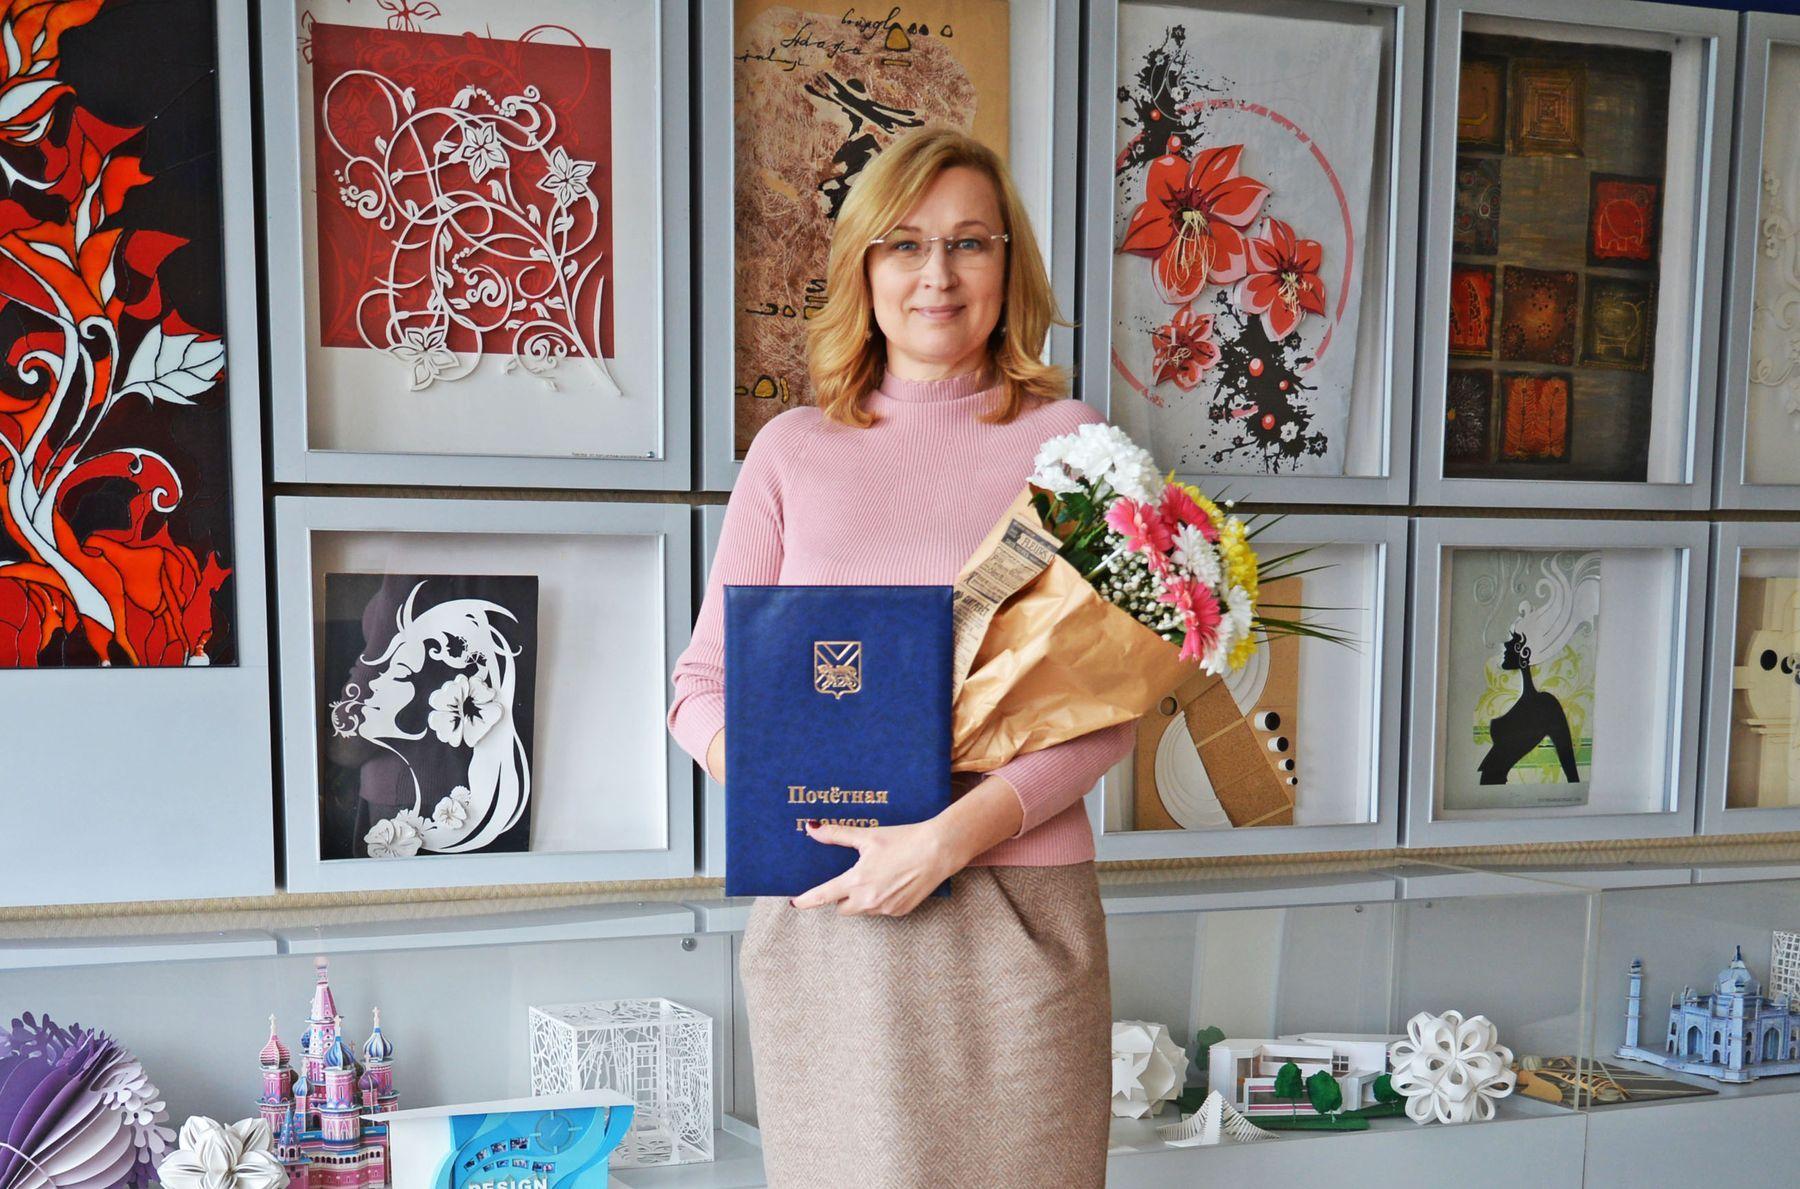 Начальник отдела информации и рекламы ВГУЭС Лариса Прохорова награждена Почётной грамотой губернатора края